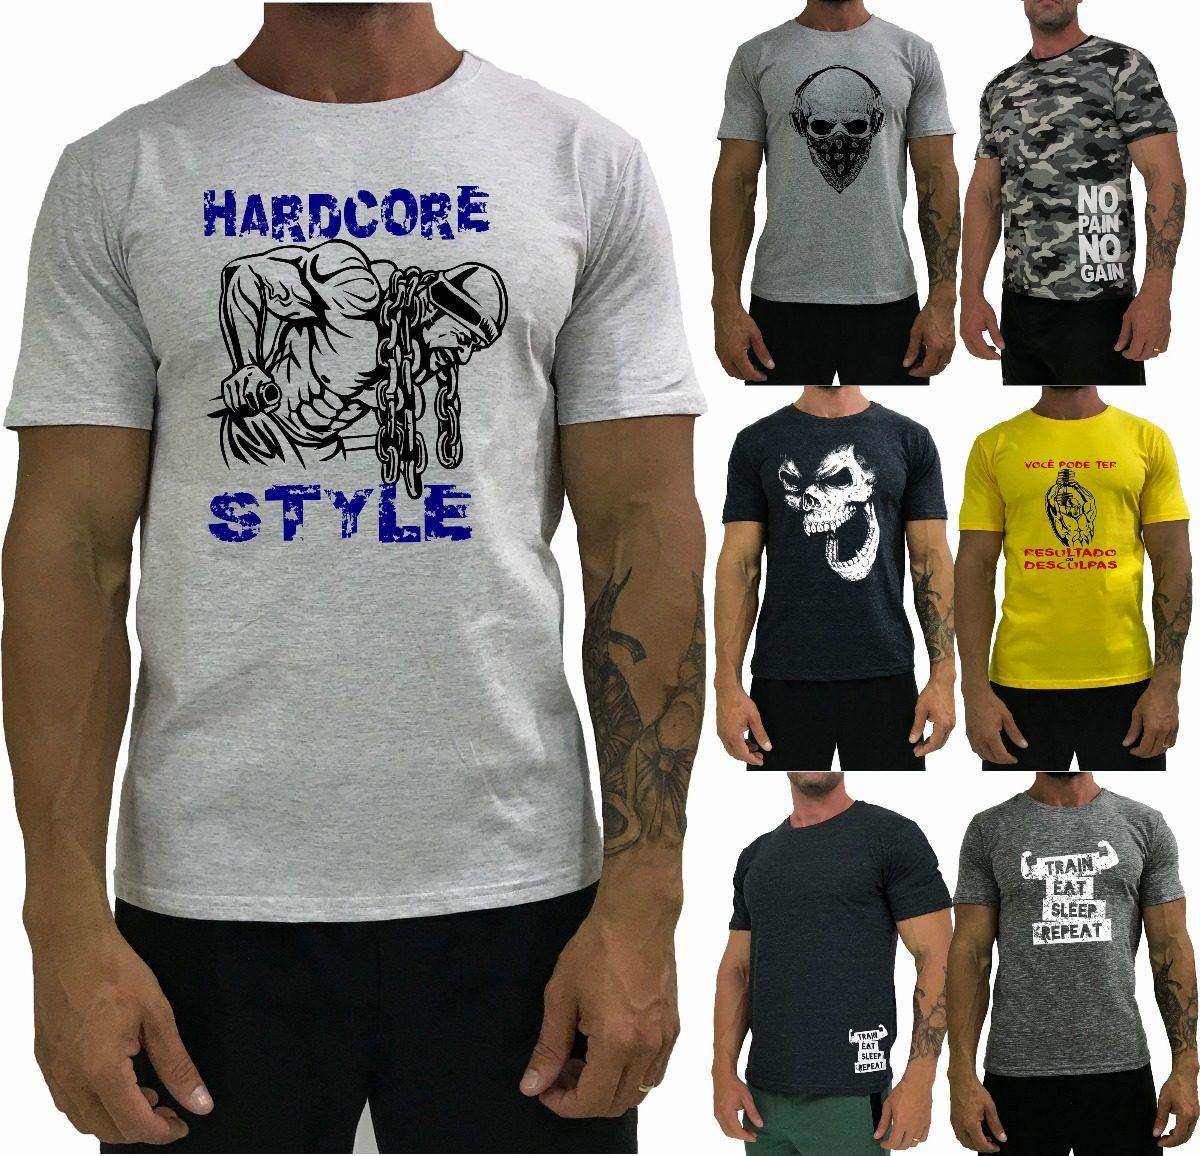 7 Camiseta Masculina Blusa Camisa T-shirt Caveira Original - R  152 ... cf801c3740